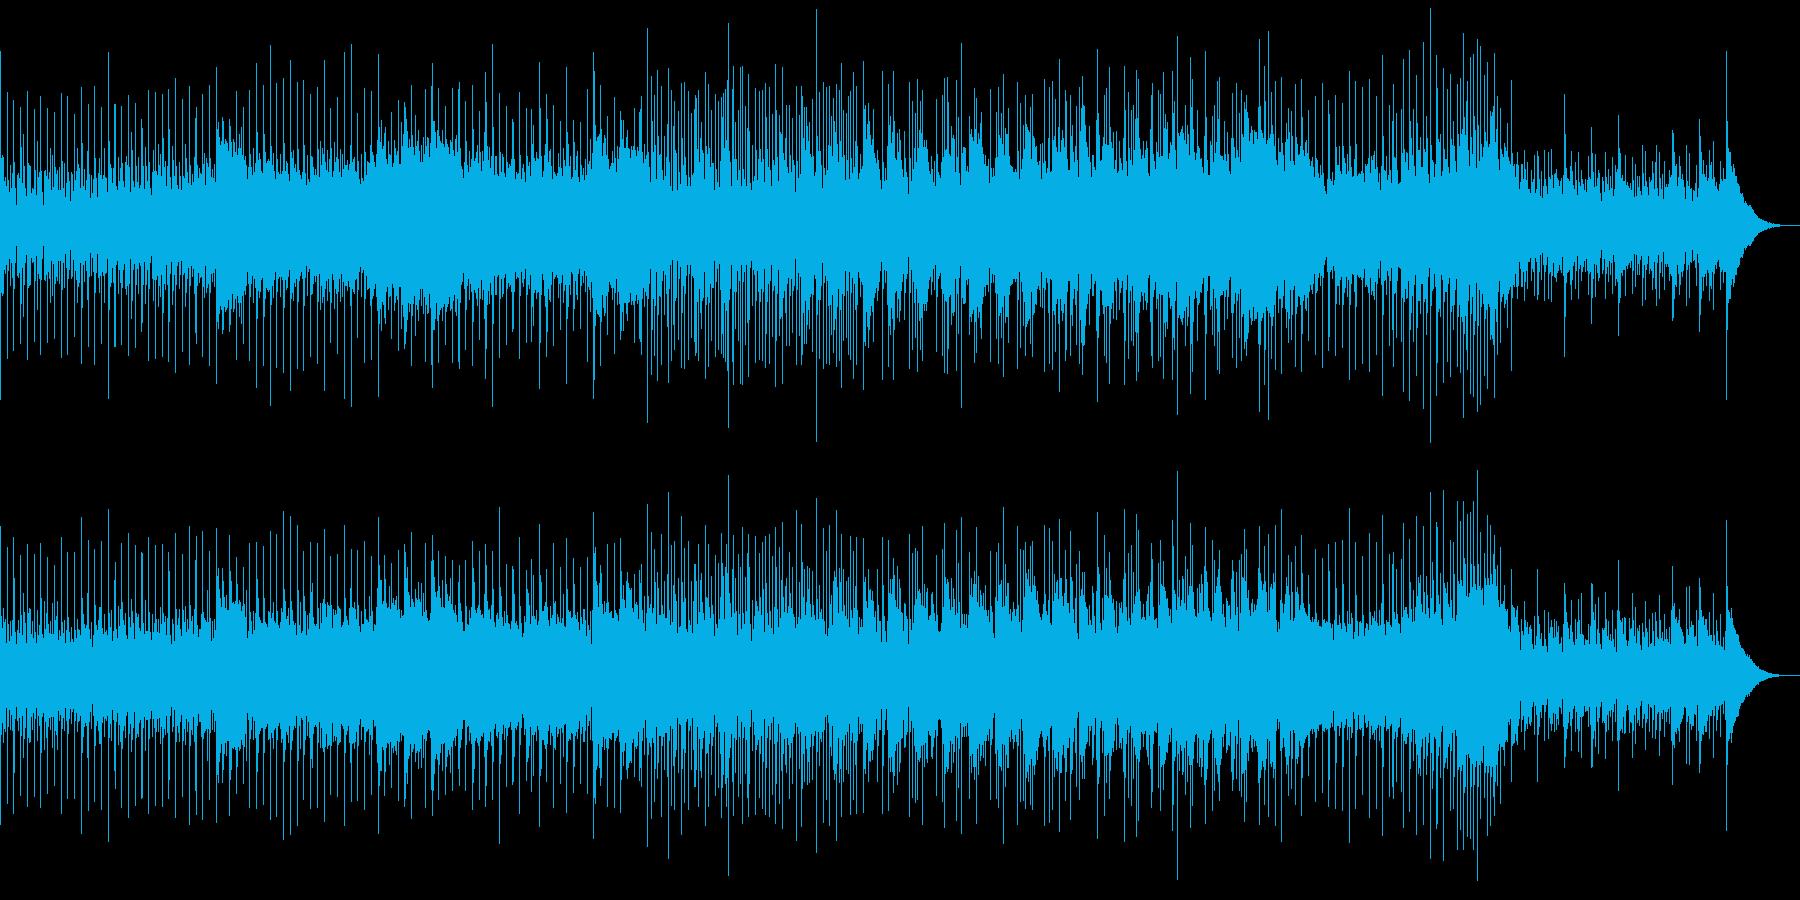 シリアスなピアノとストリングスの再生済みの波形